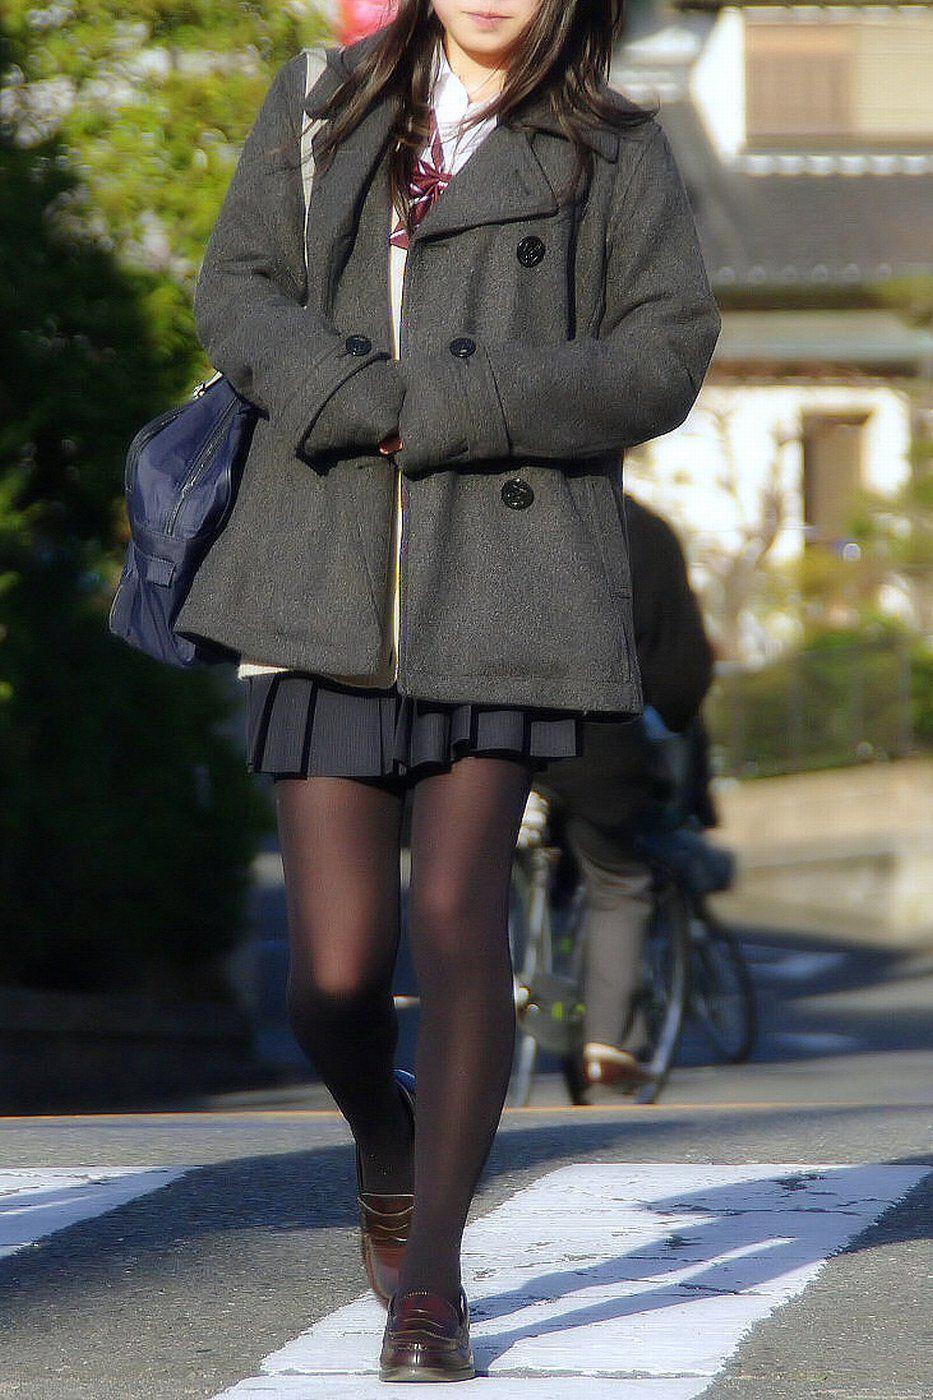 【JK盗撮】ミニスカ女子校生が黒パンスト履いた太ももがクソ抜ける街撮りwwww 2027